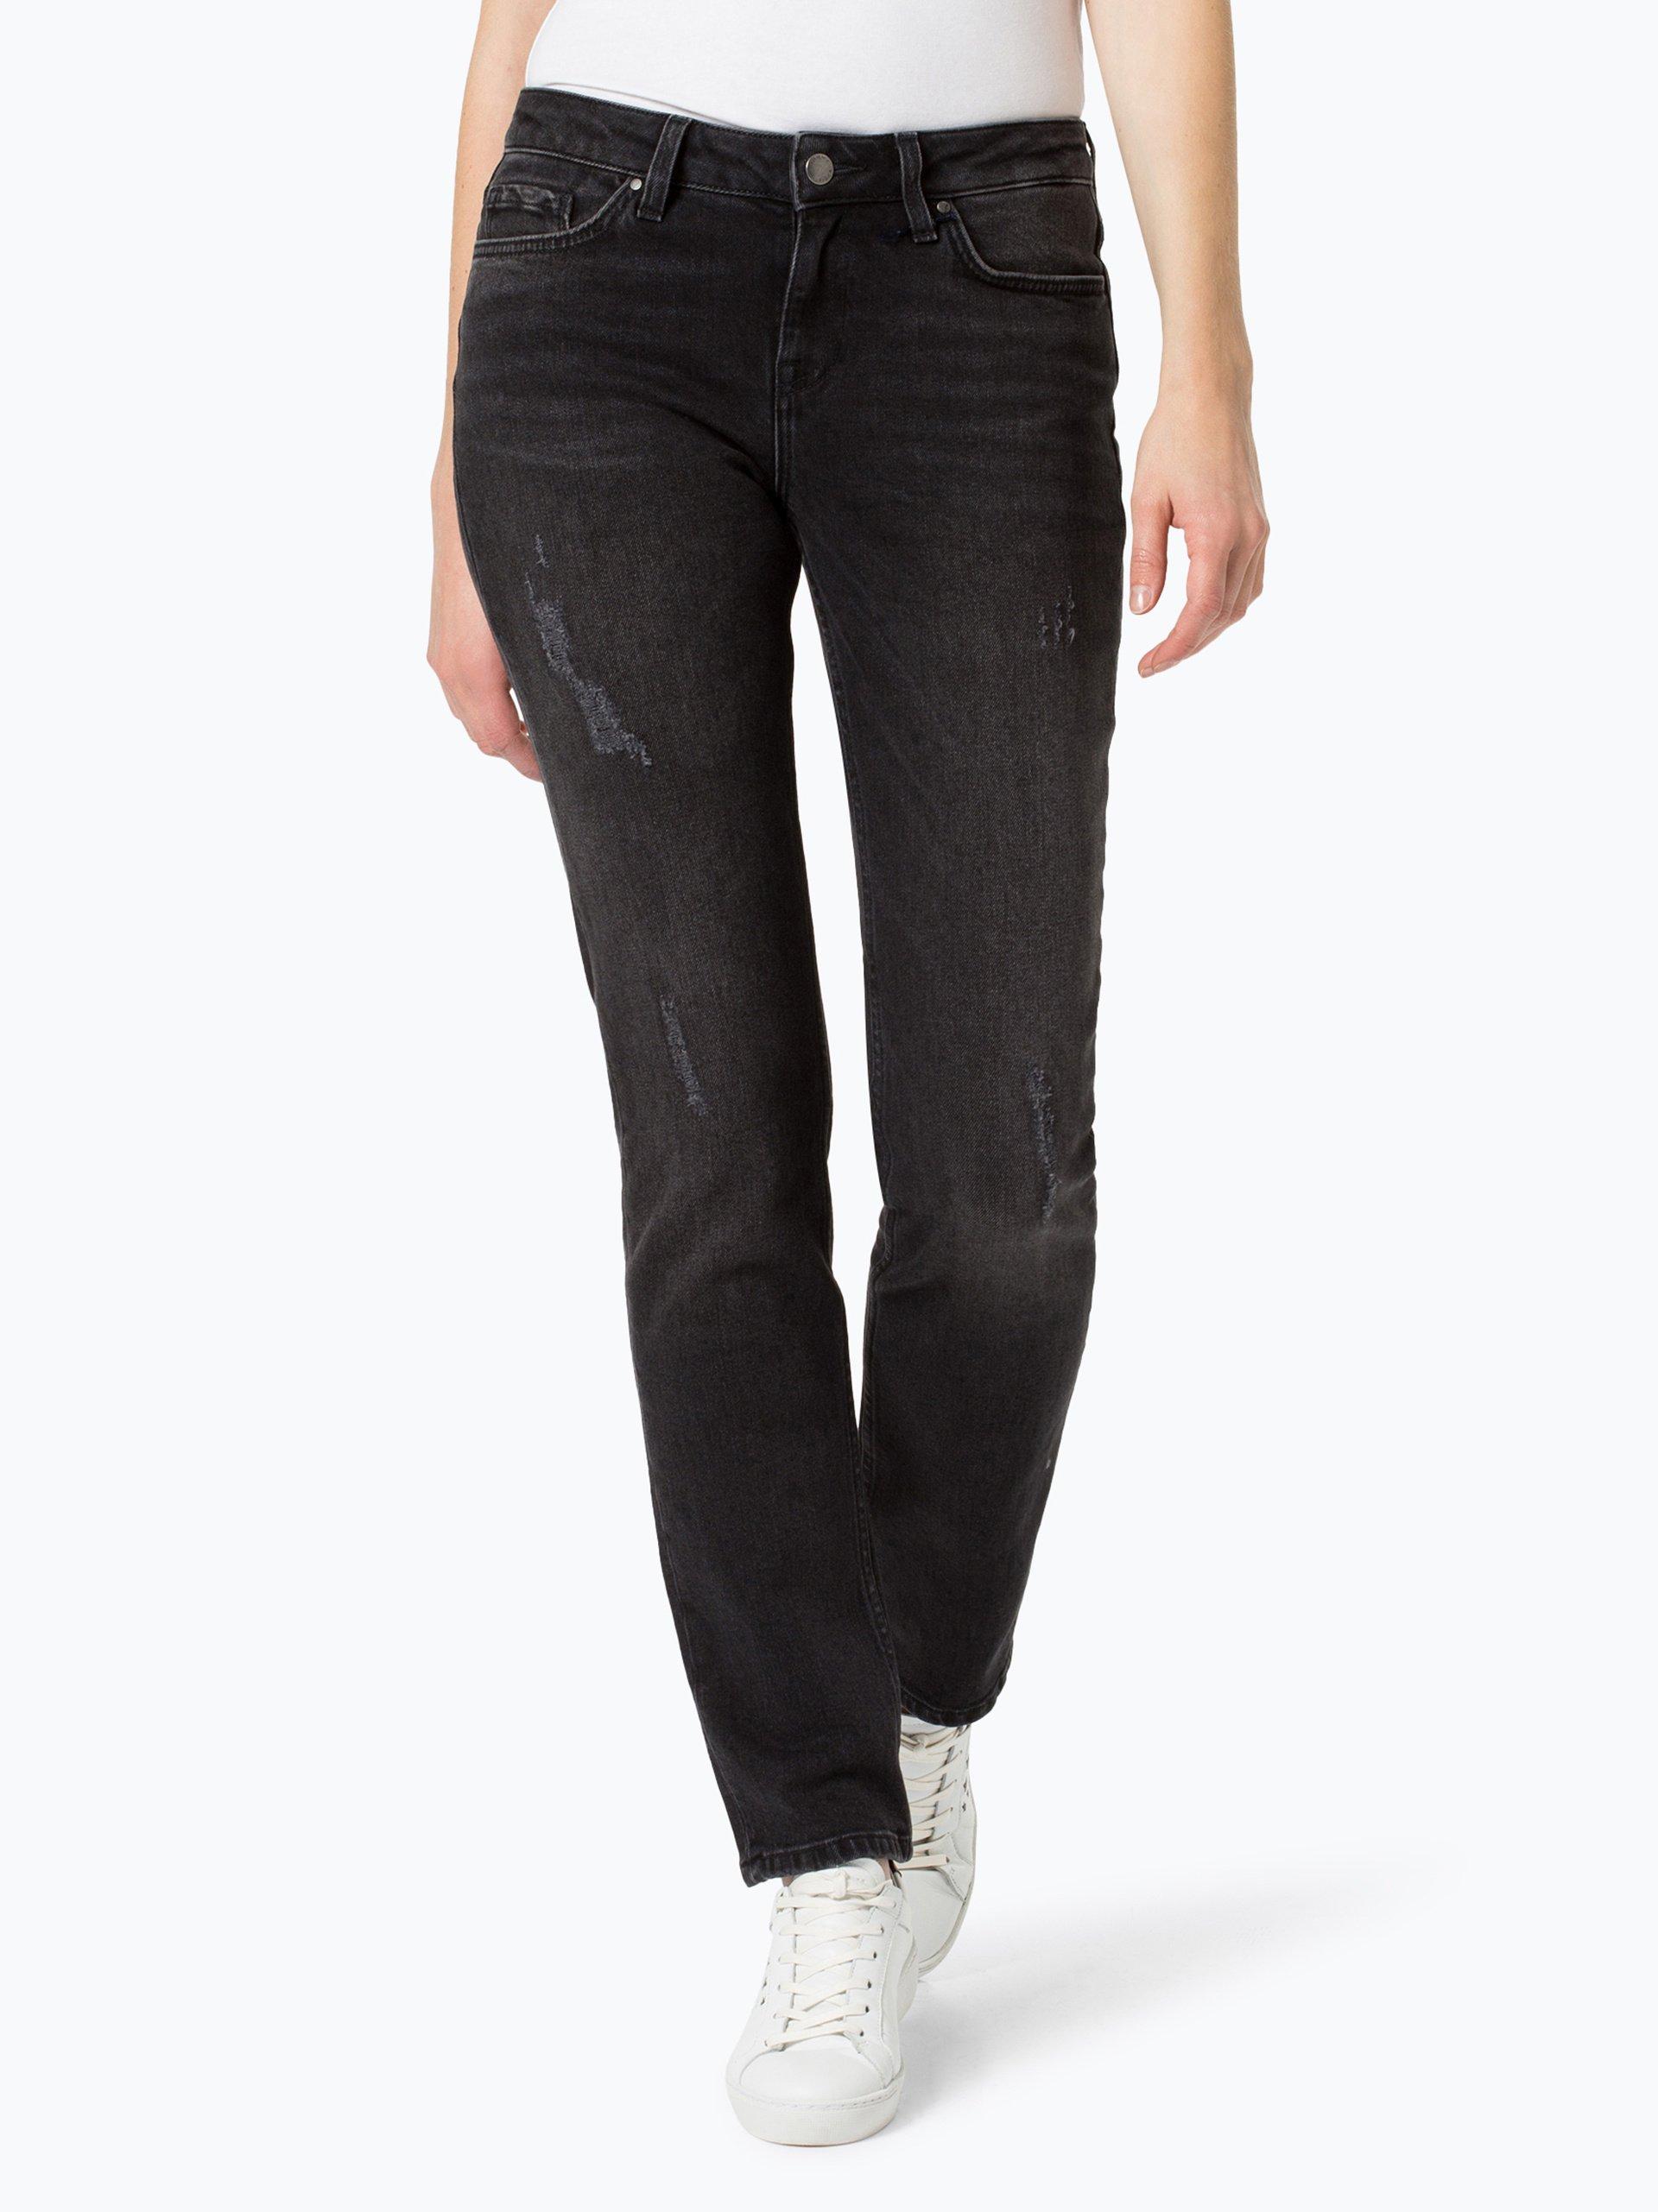 tommy hilfiger damen jeans rome schwarz uni online. Black Bedroom Furniture Sets. Home Design Ideas